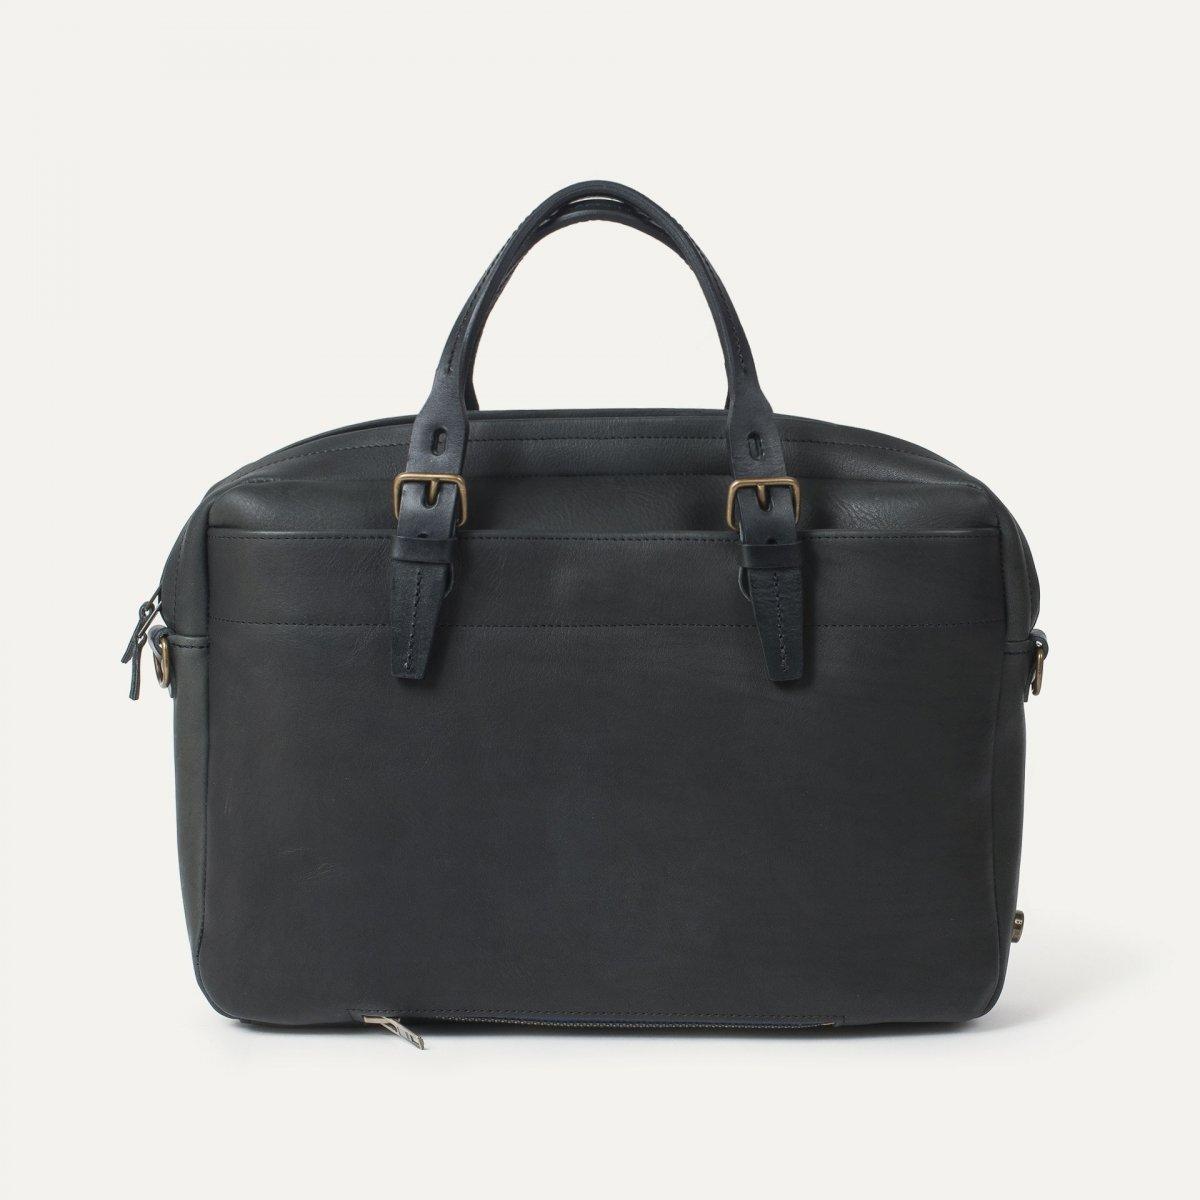 Folder Business bag - Black (image n°3)